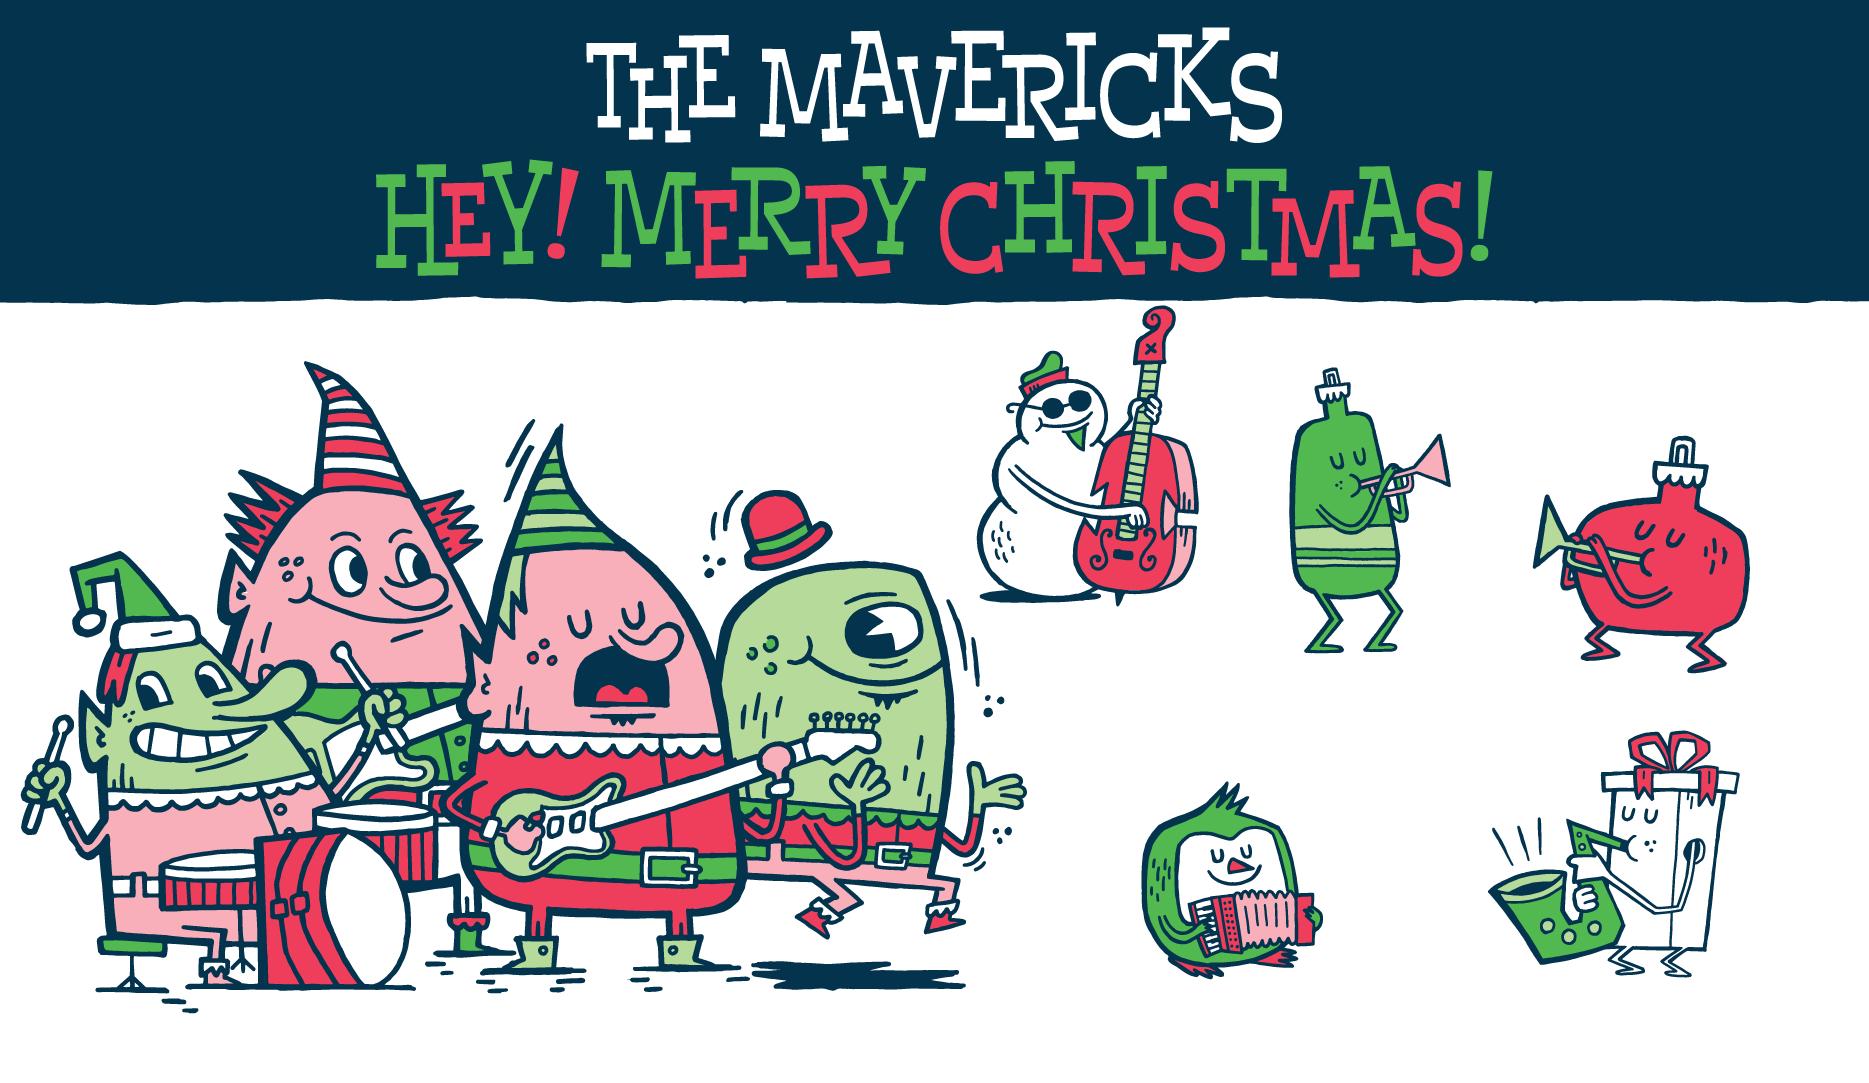 The Mavericks - Home